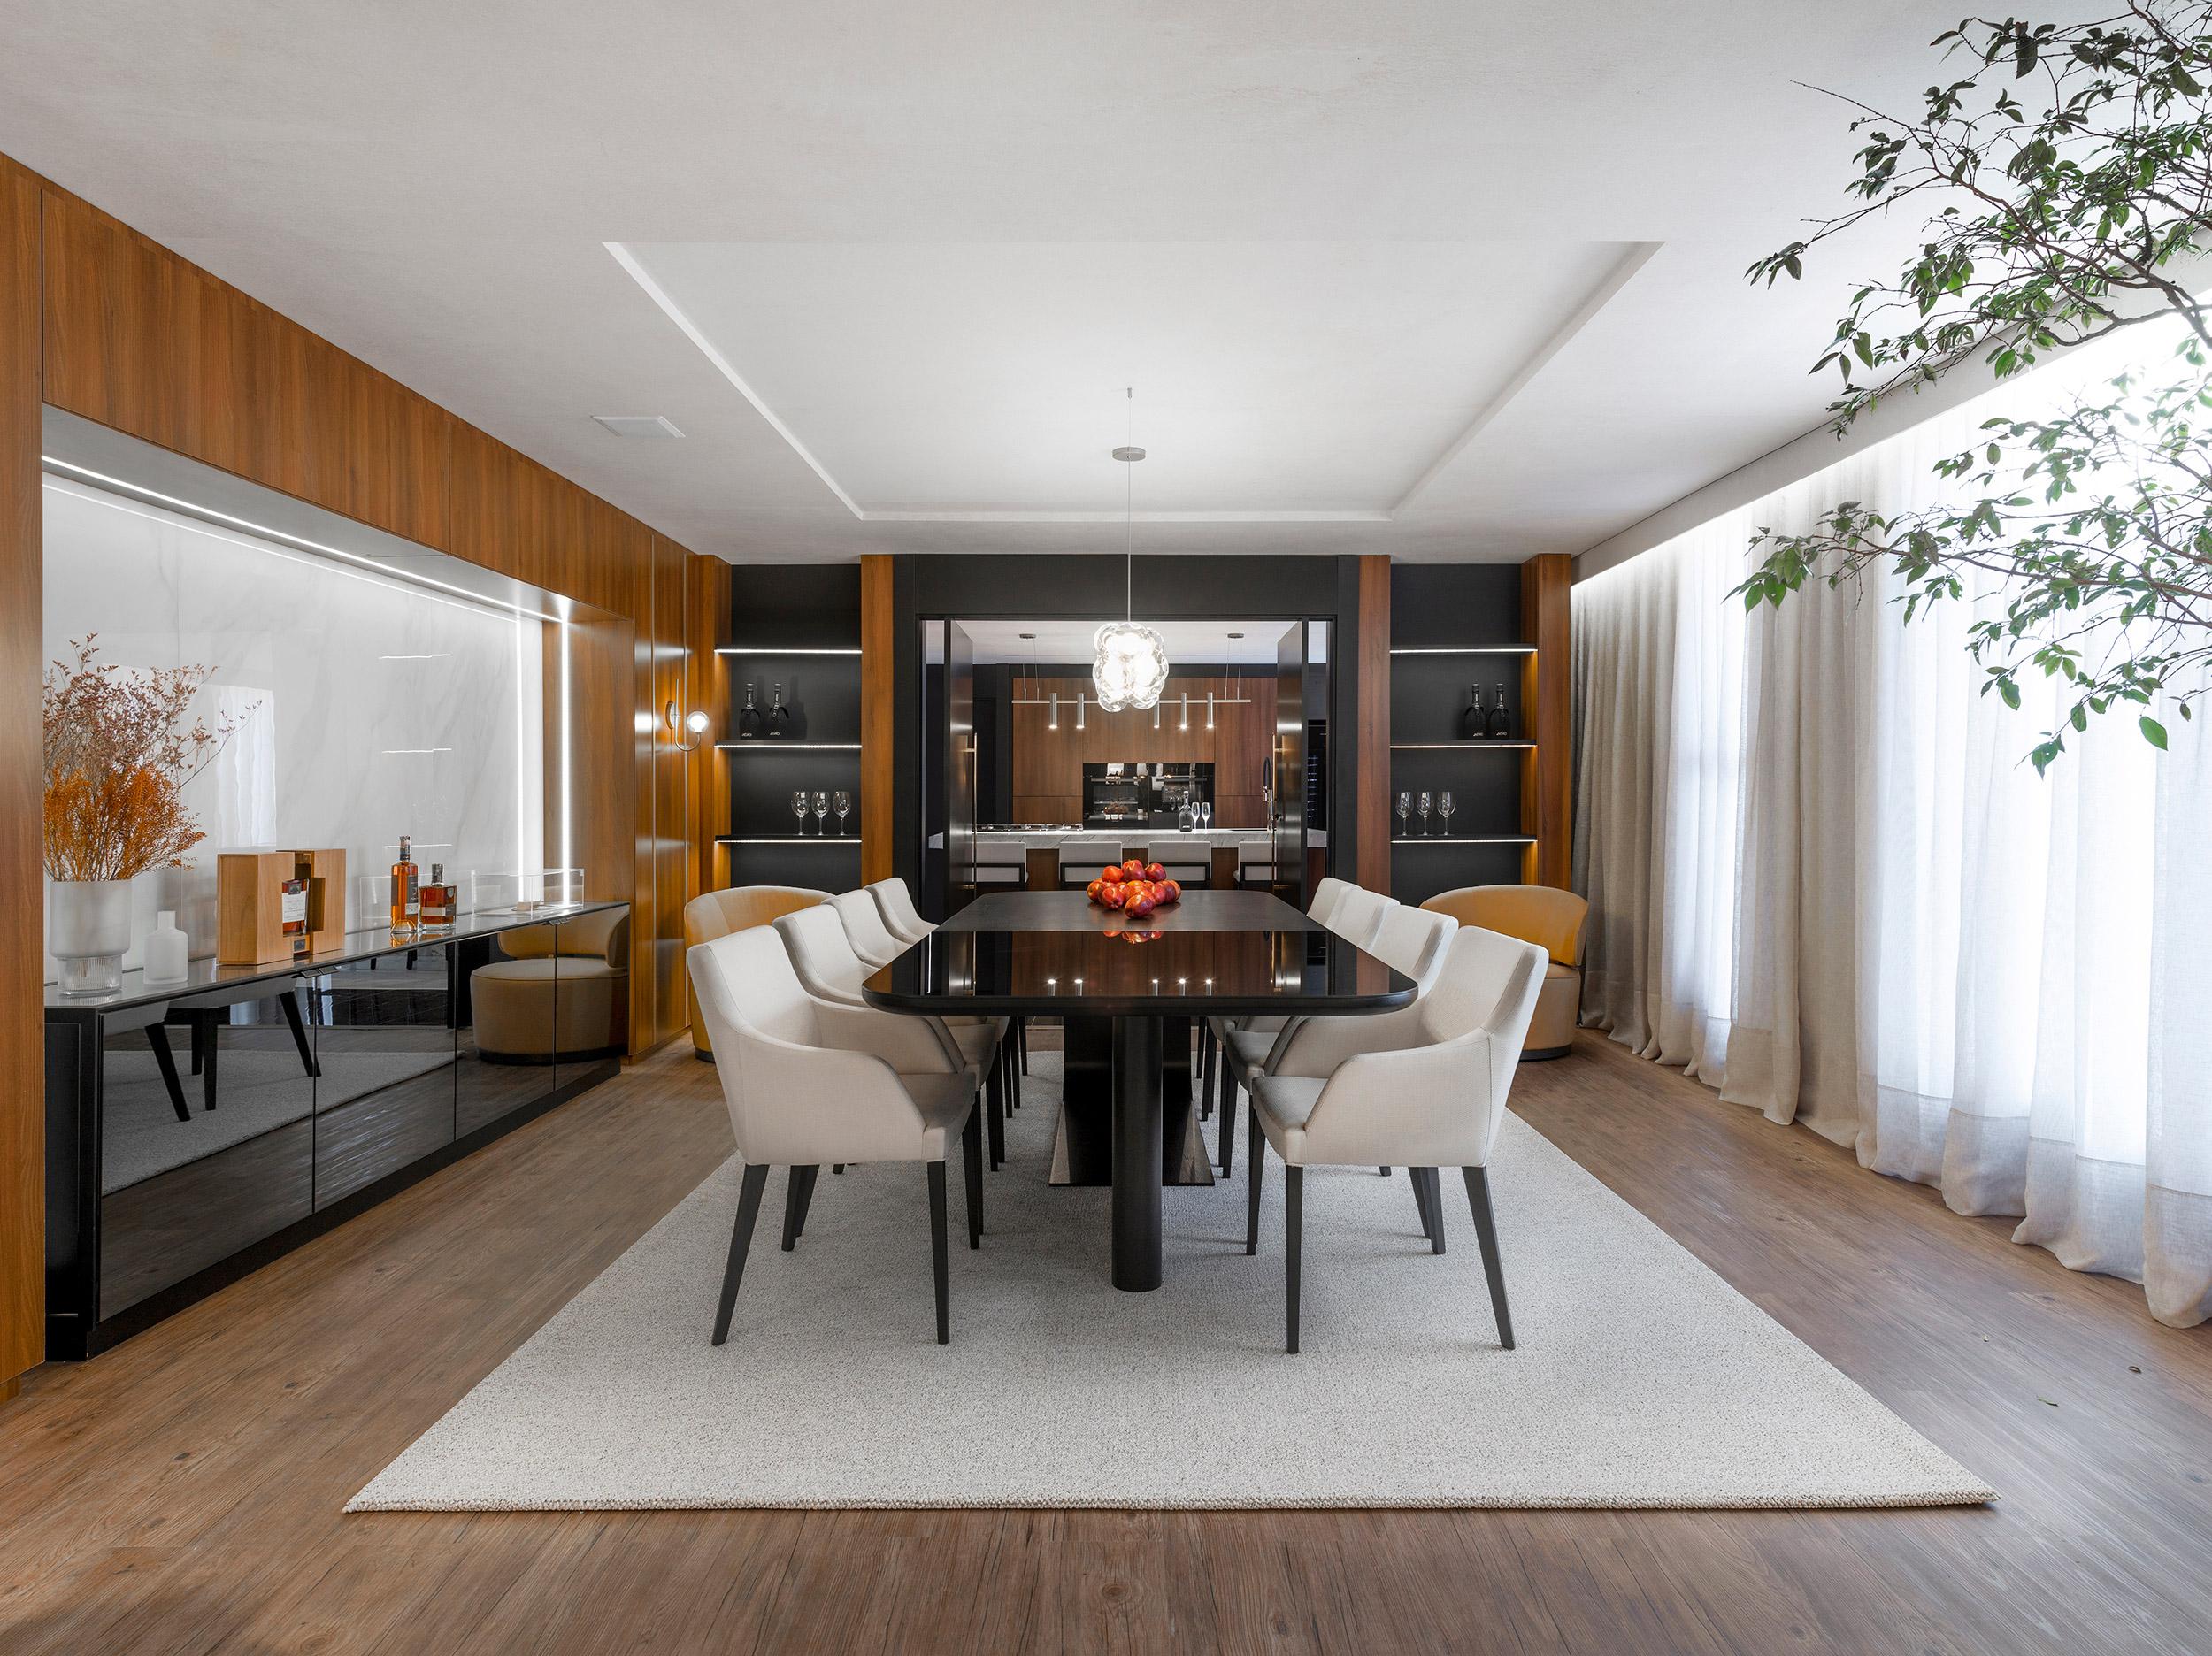 Casa Pormade - Fabio Vitorino Arquitetura e VK Arquitetos